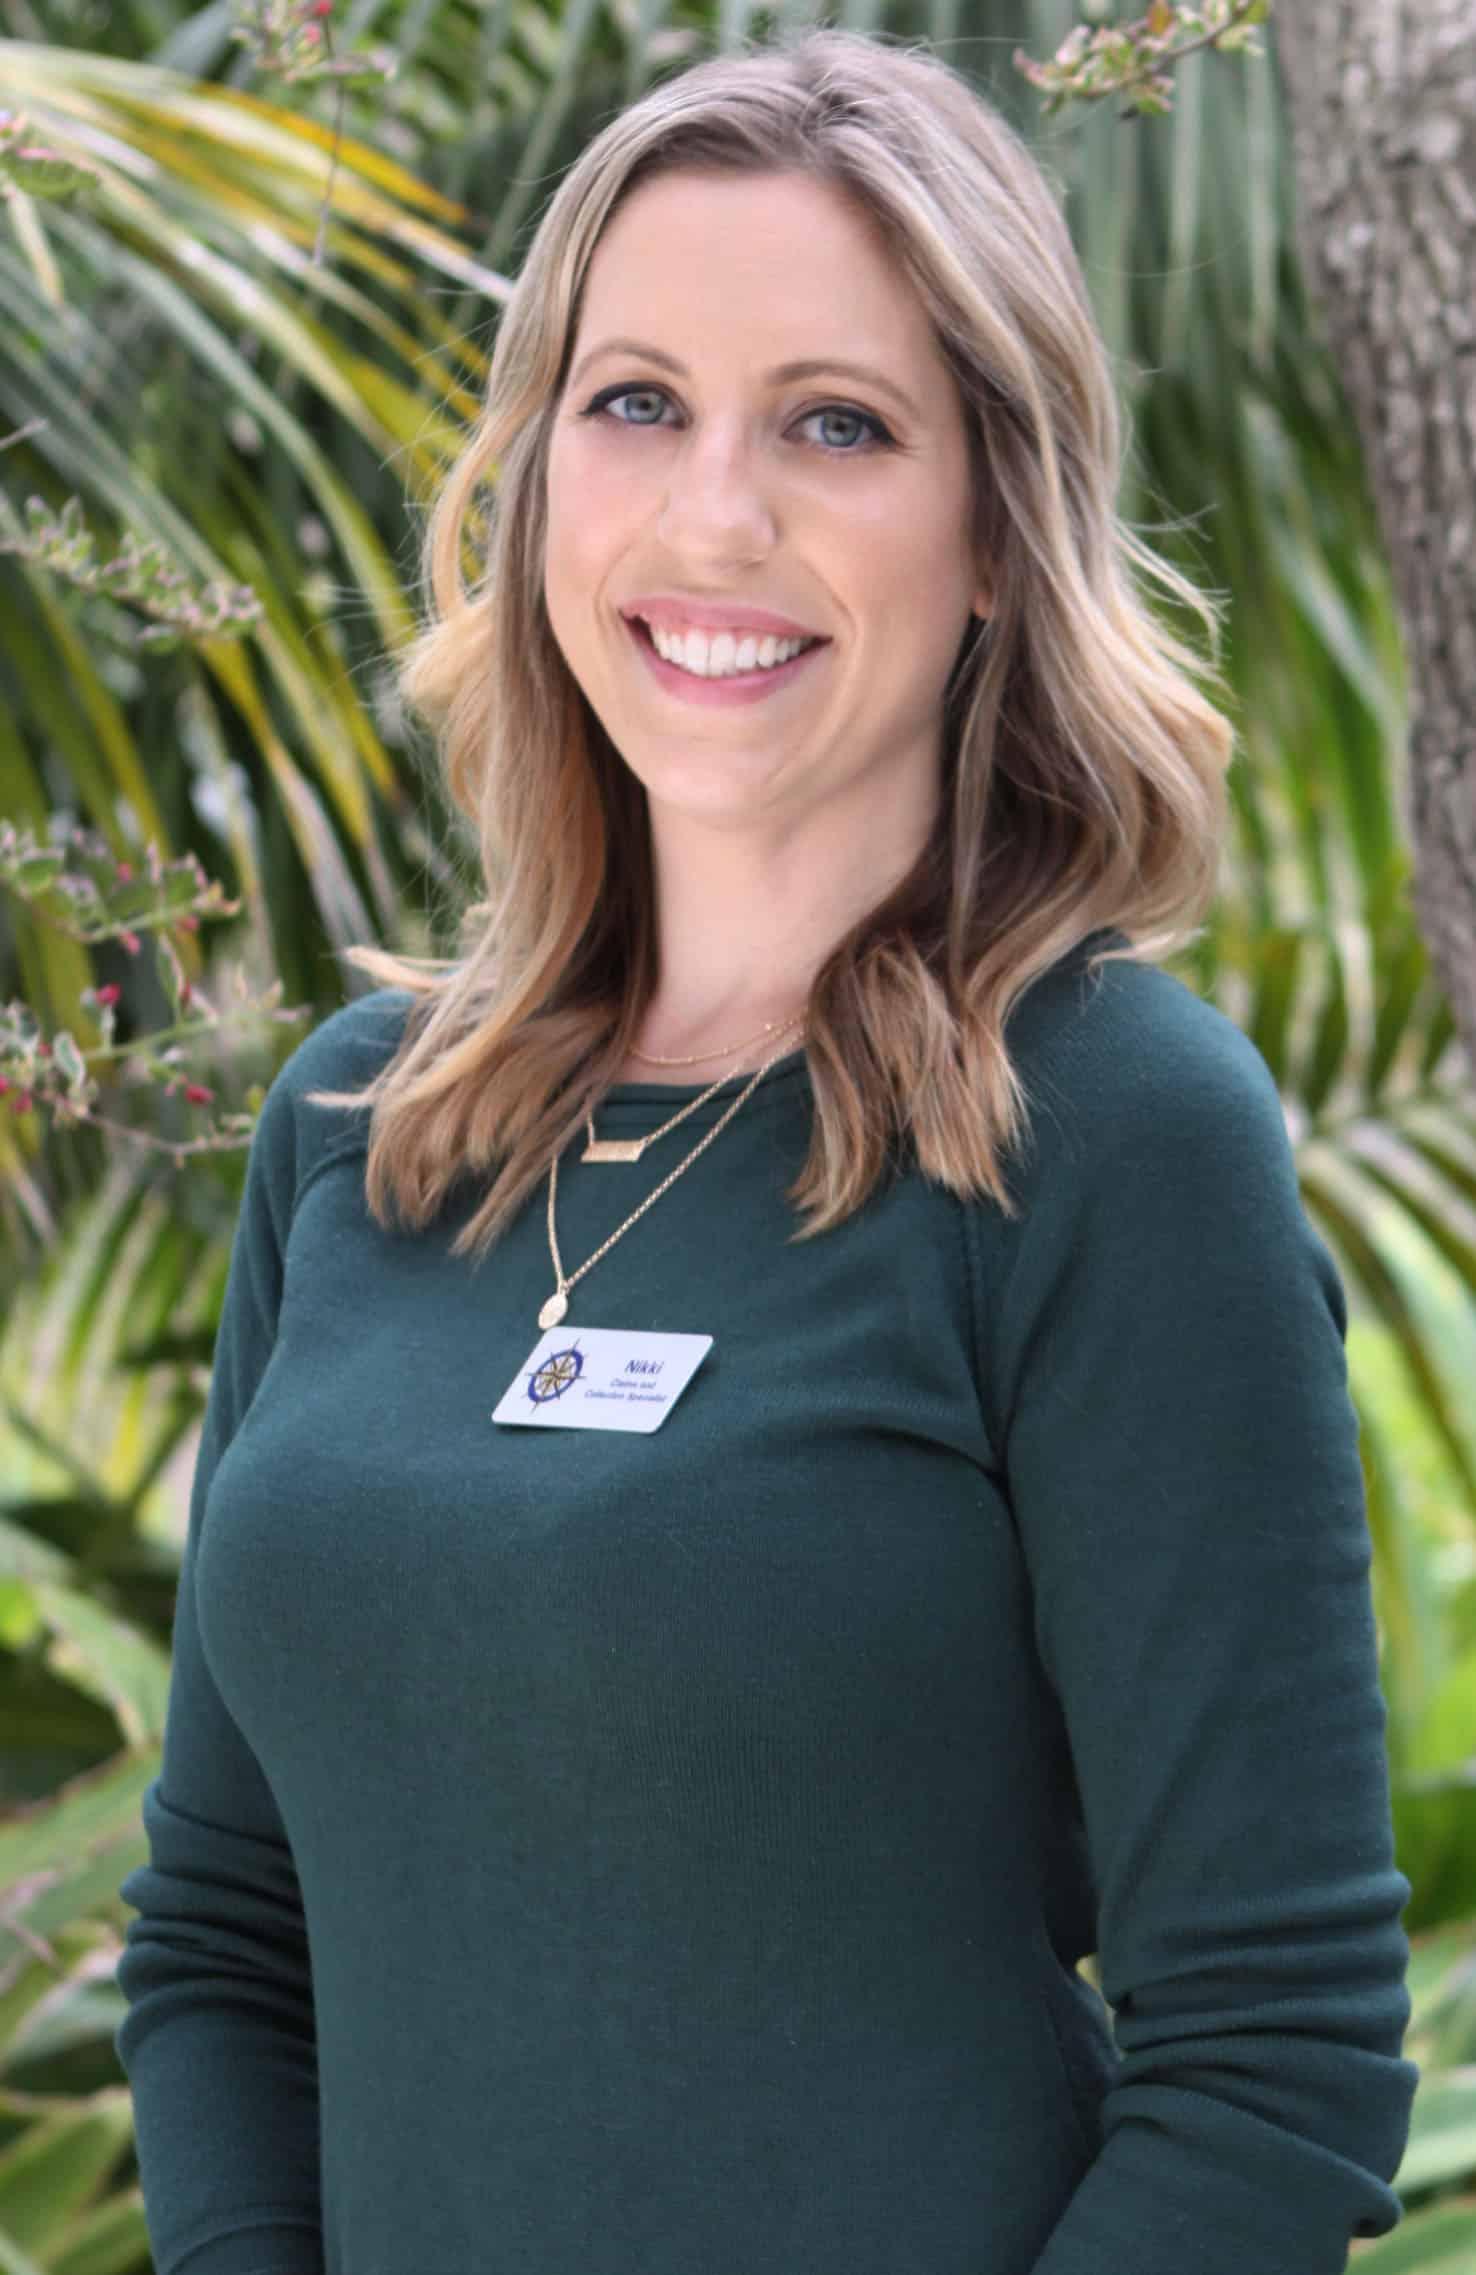 Nikki Wiedlund